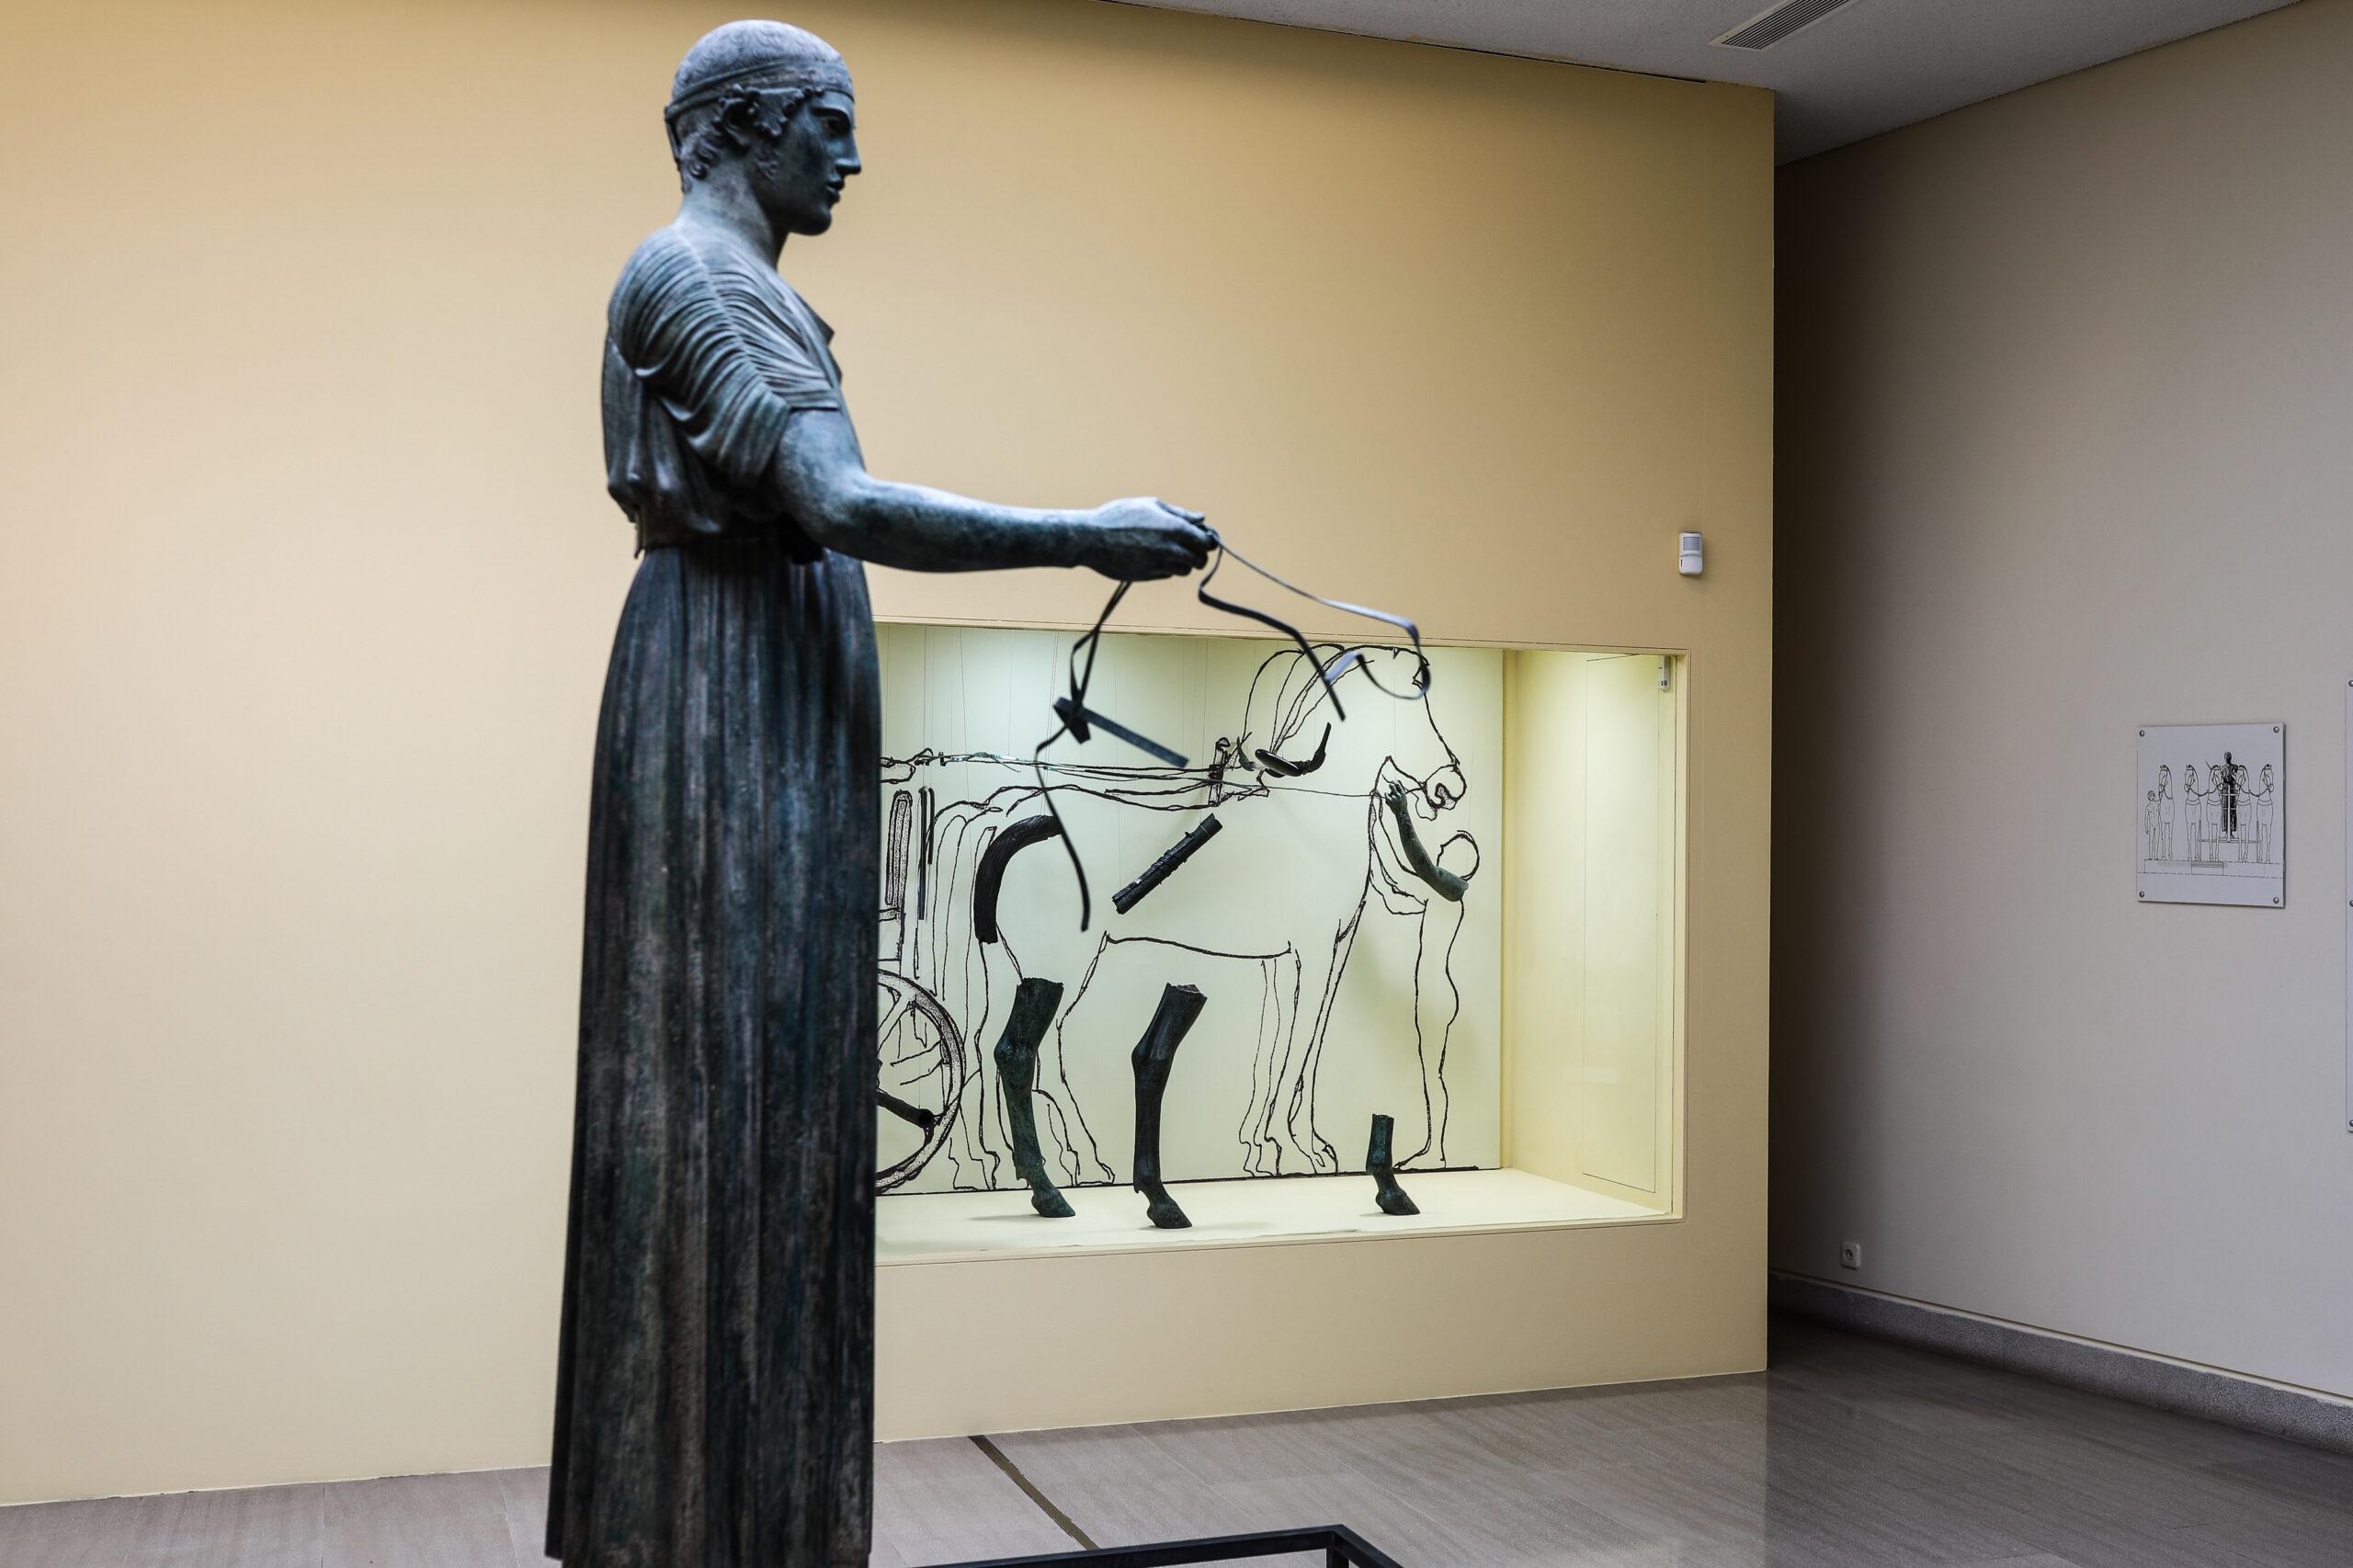 Εικονική επίσκεψη και περιήγηση στο Αρχαιολογικό Μουσείο Δελφών για άτομα με αδυναμία σε κίνηση, ακοή και όραση